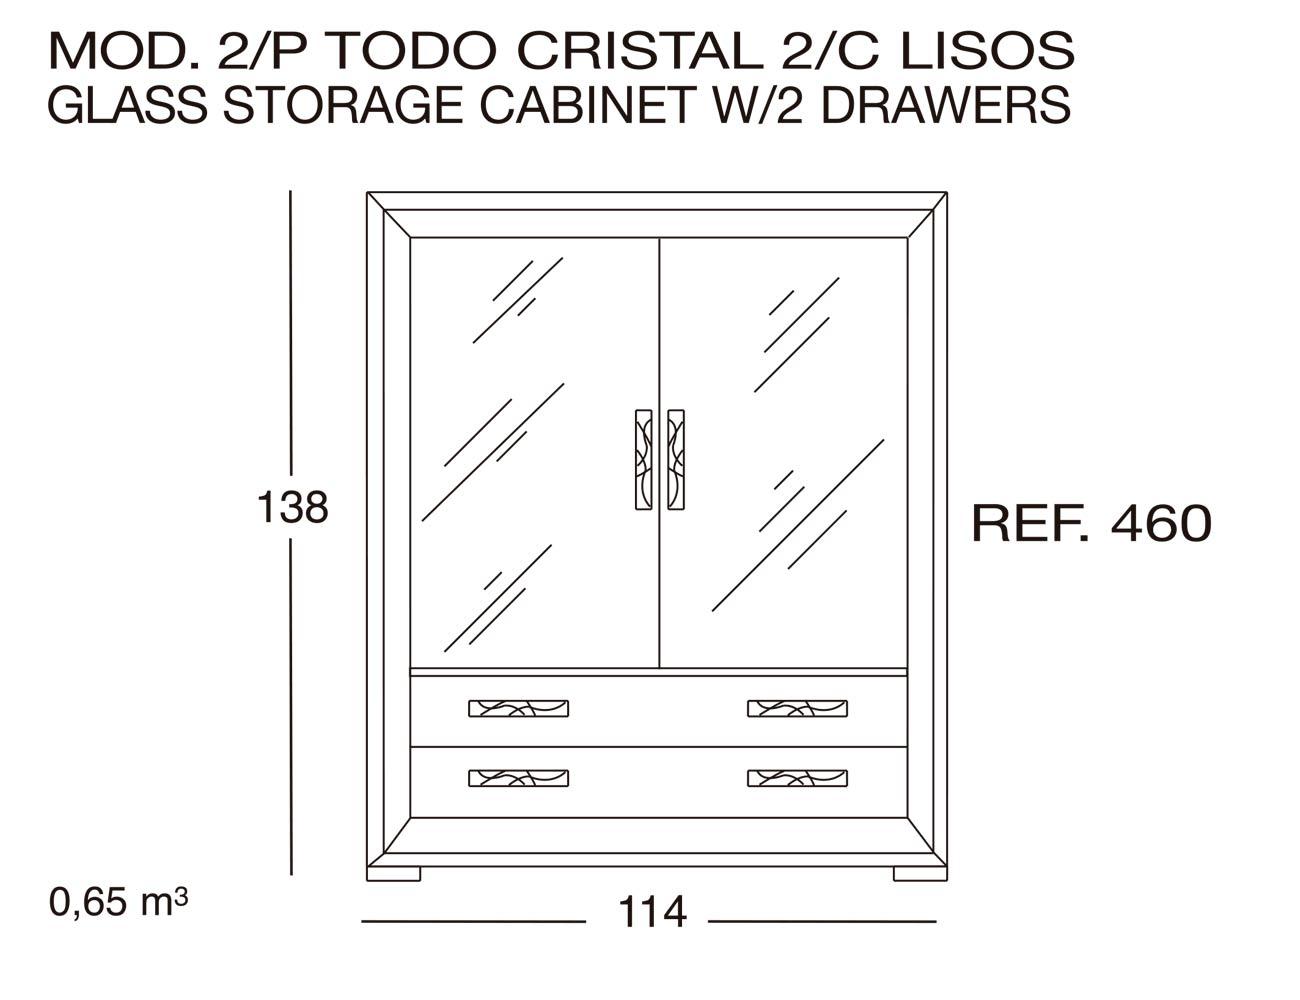 Modulo 2 puertas todo cristal 2c lisos 460